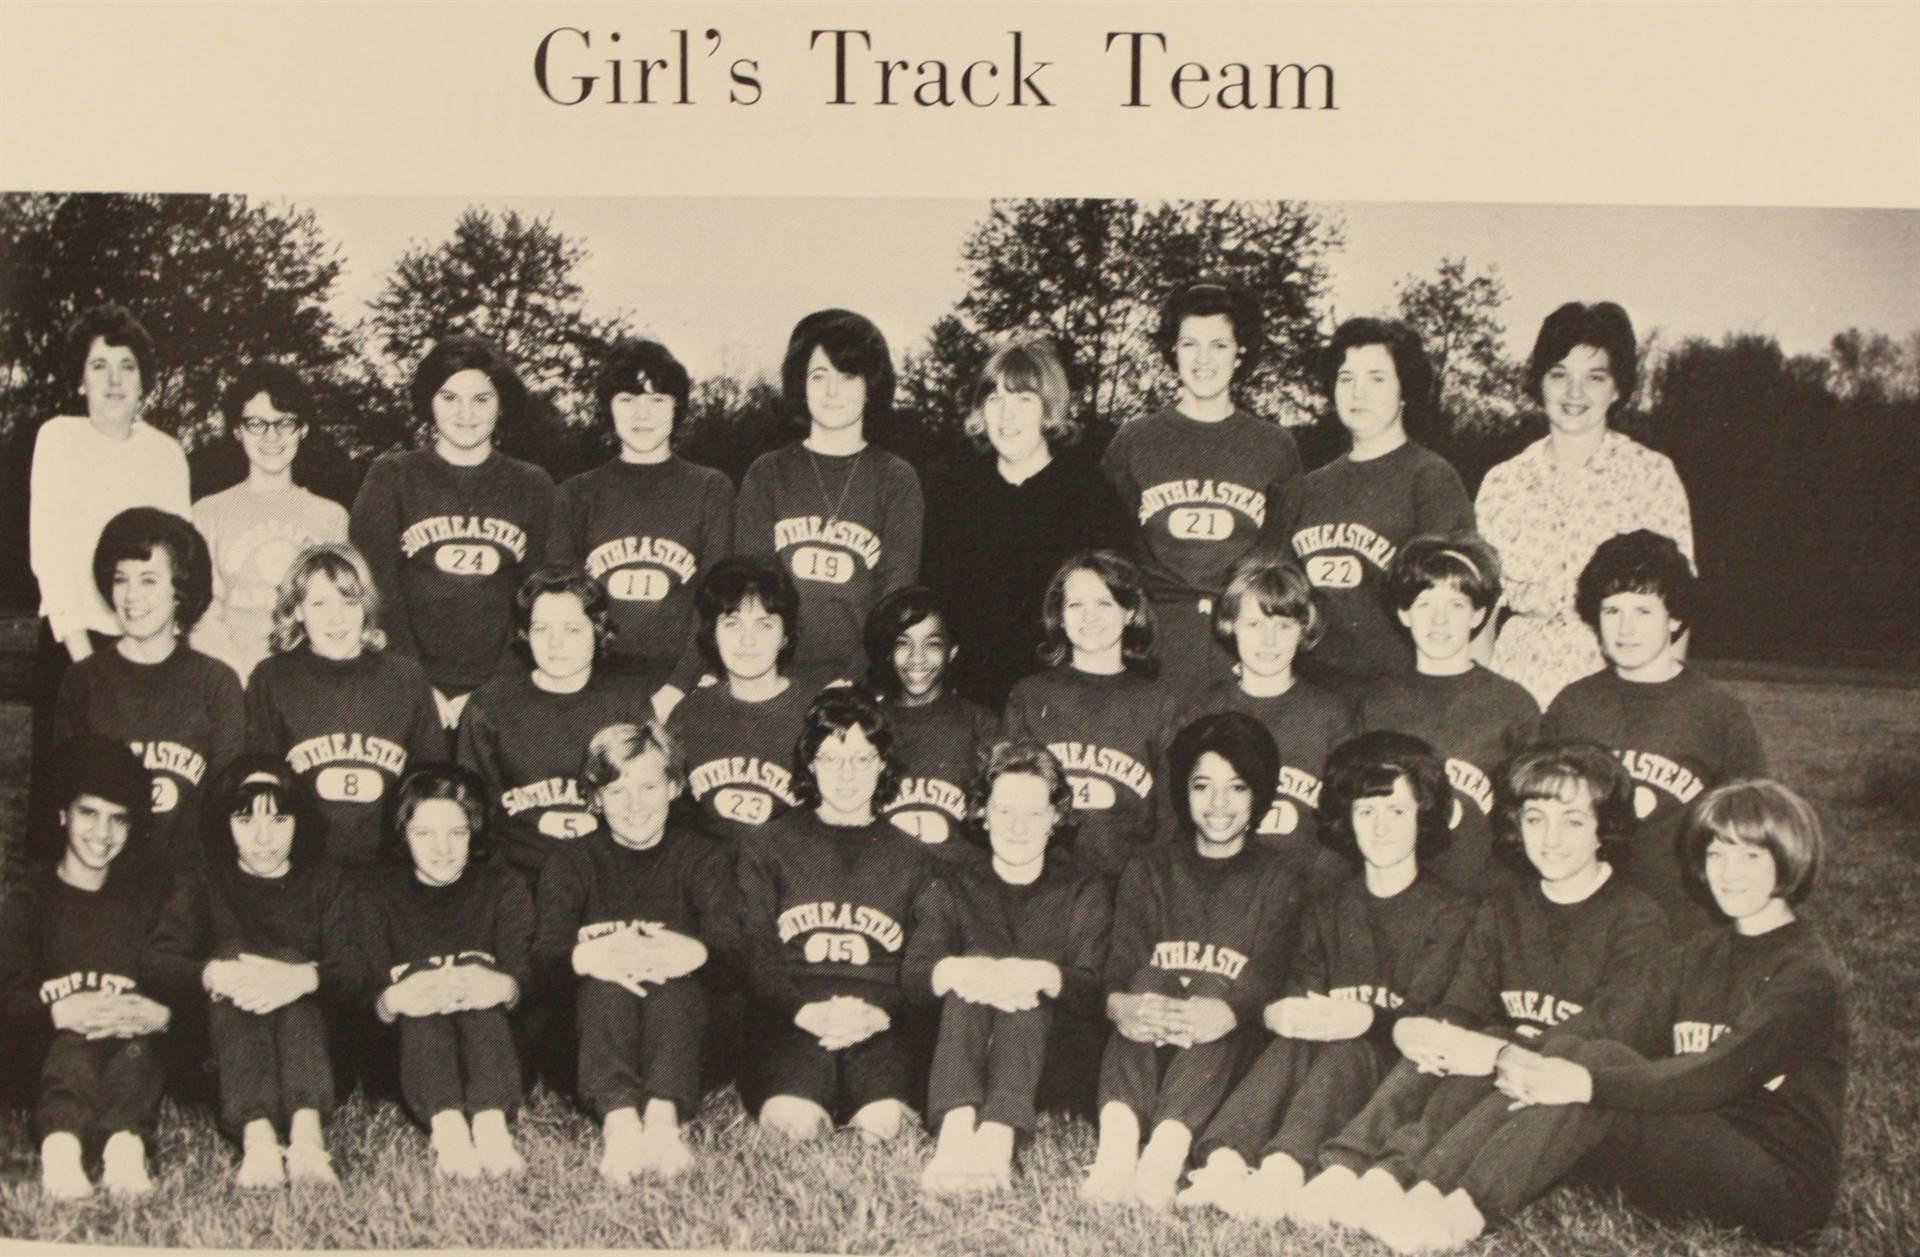 1966 Girl's Track Team